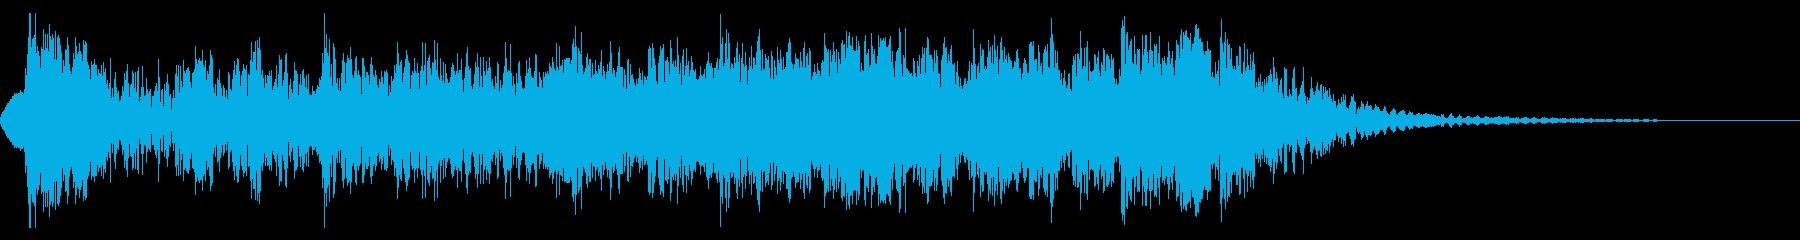 YouTube尺八による和風ジングル02の再生済みの波形